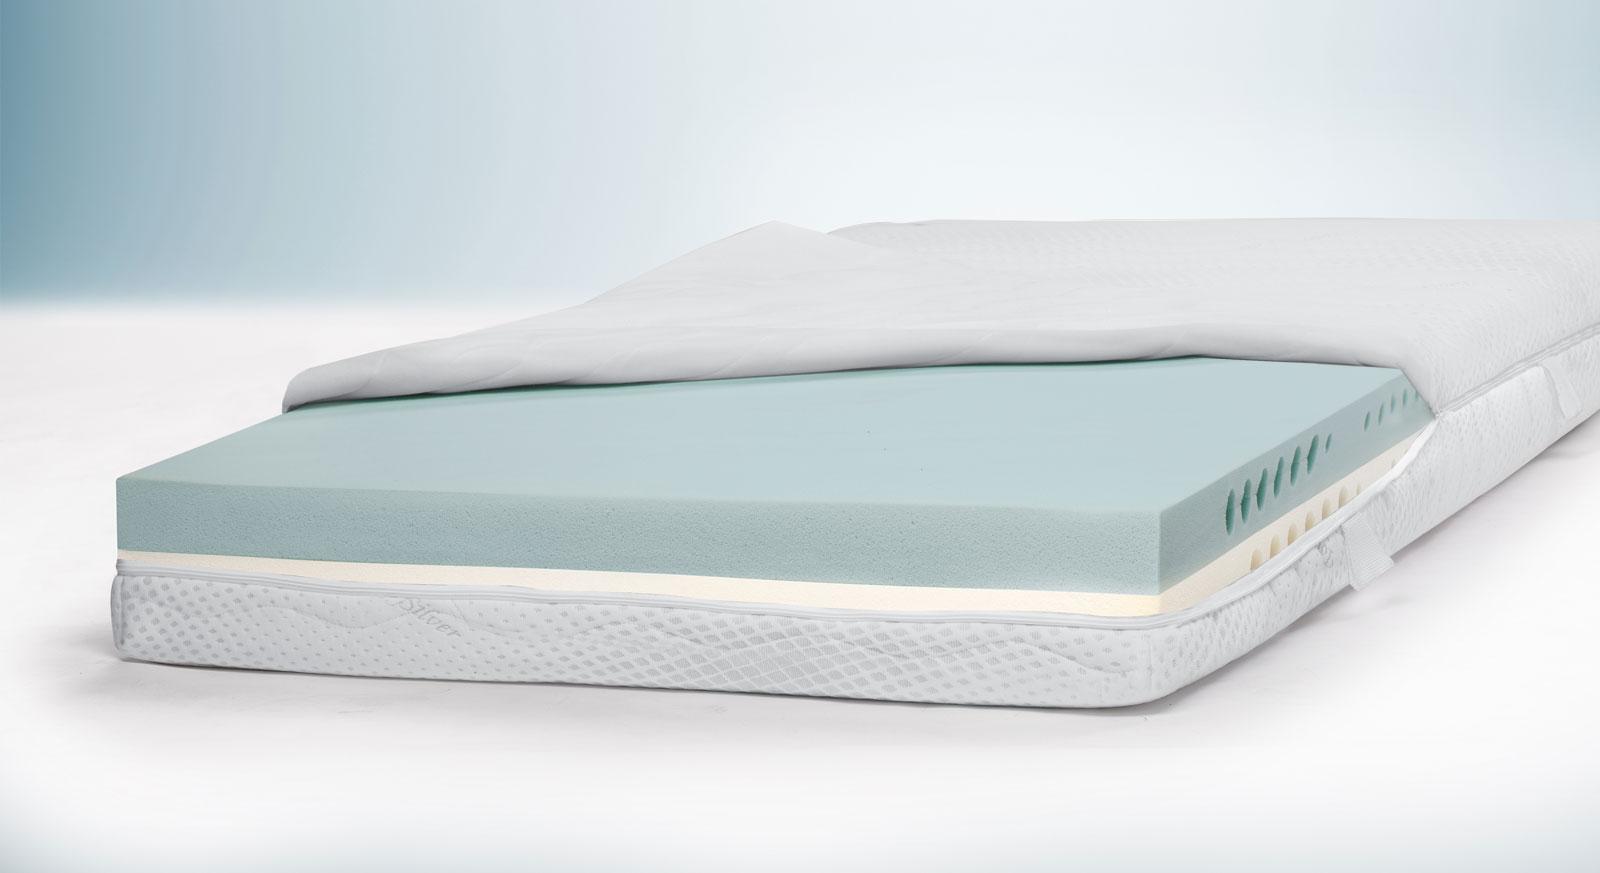 schwitzen beim schlafen was ist normal was hilft gegen nachtschwei. Black Bedroom Furniture Sets. Home Design Ideas